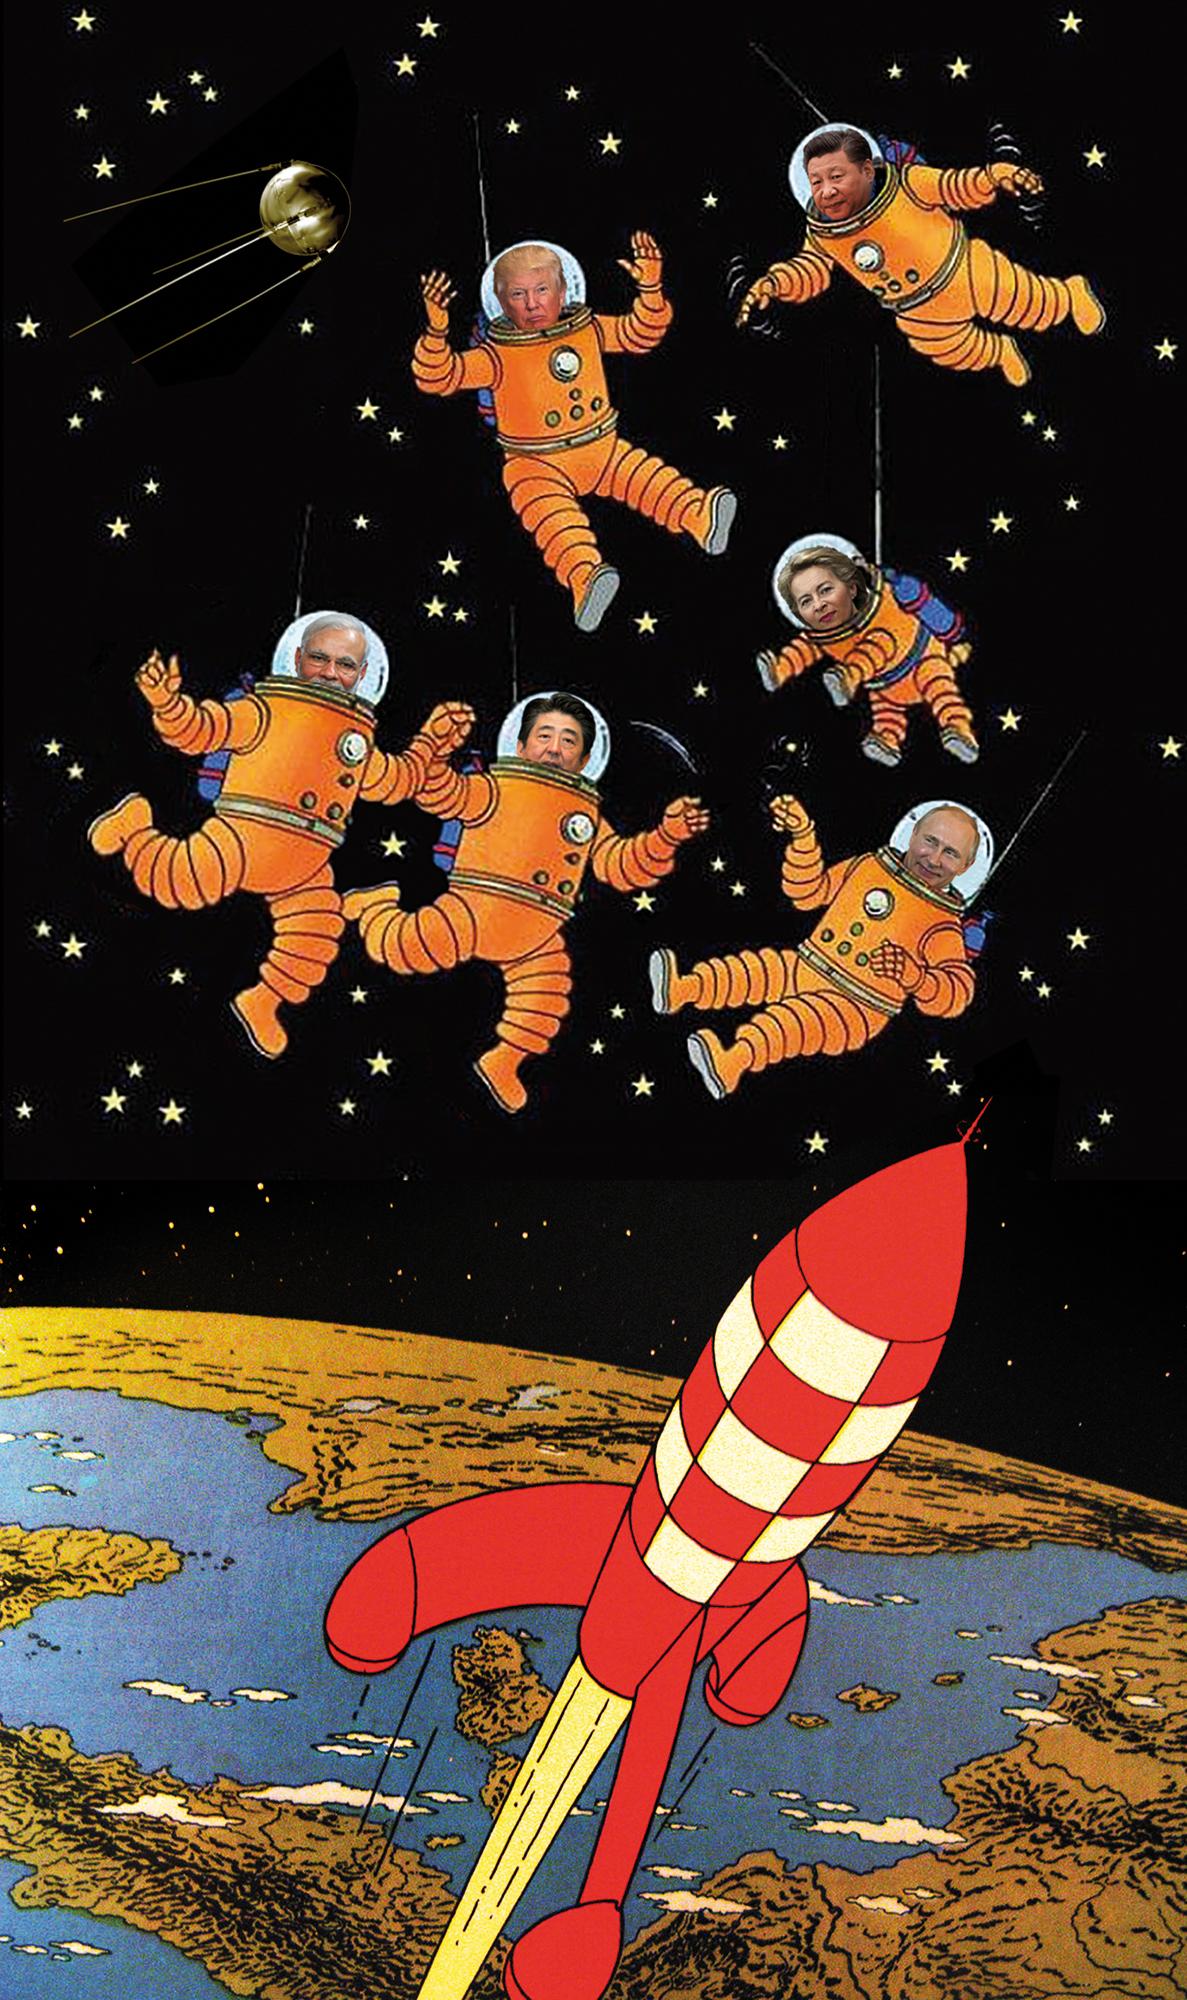 Corrida espacial 2.0: De novo o grande jogo das potências